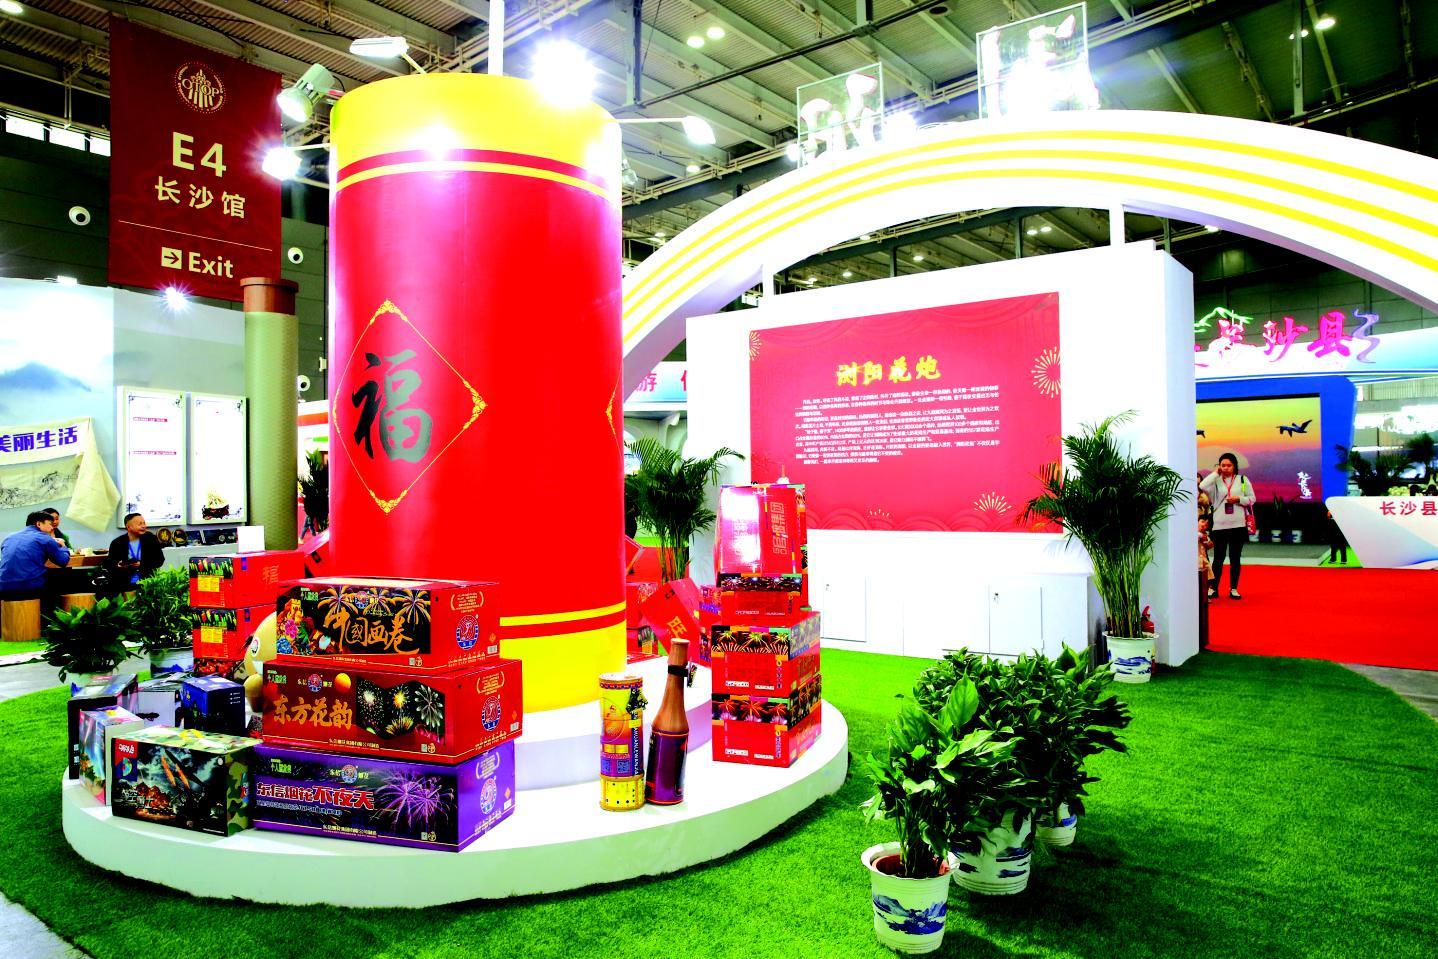 浏阳花炮亮相一乡一品国际商品博览会